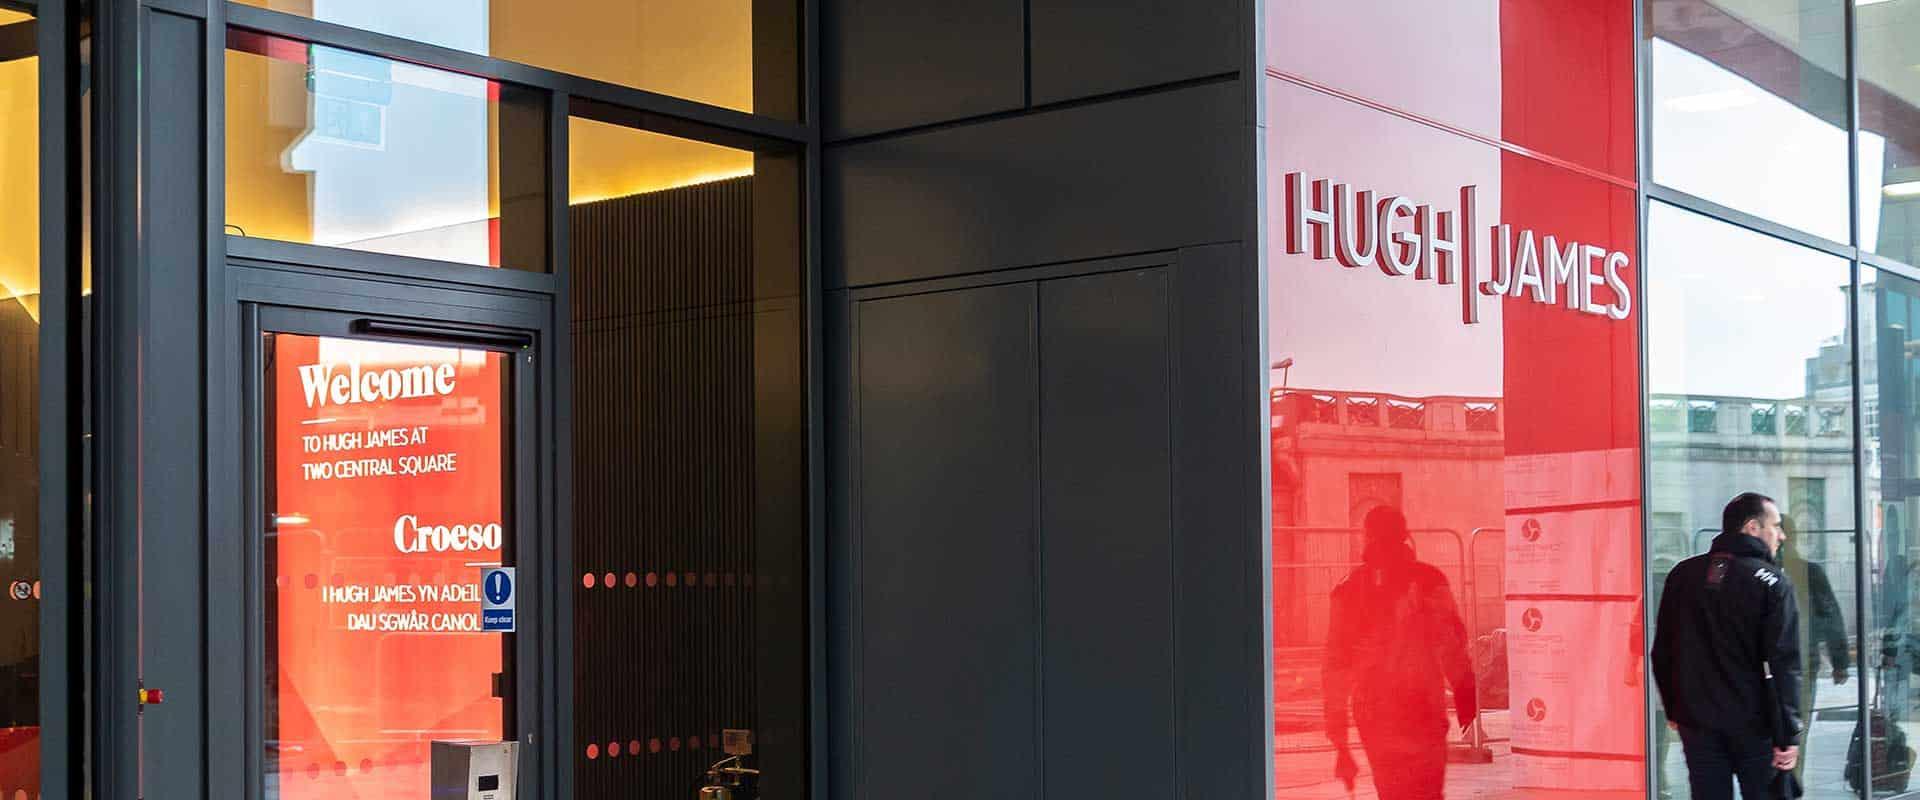 Huw James external signage